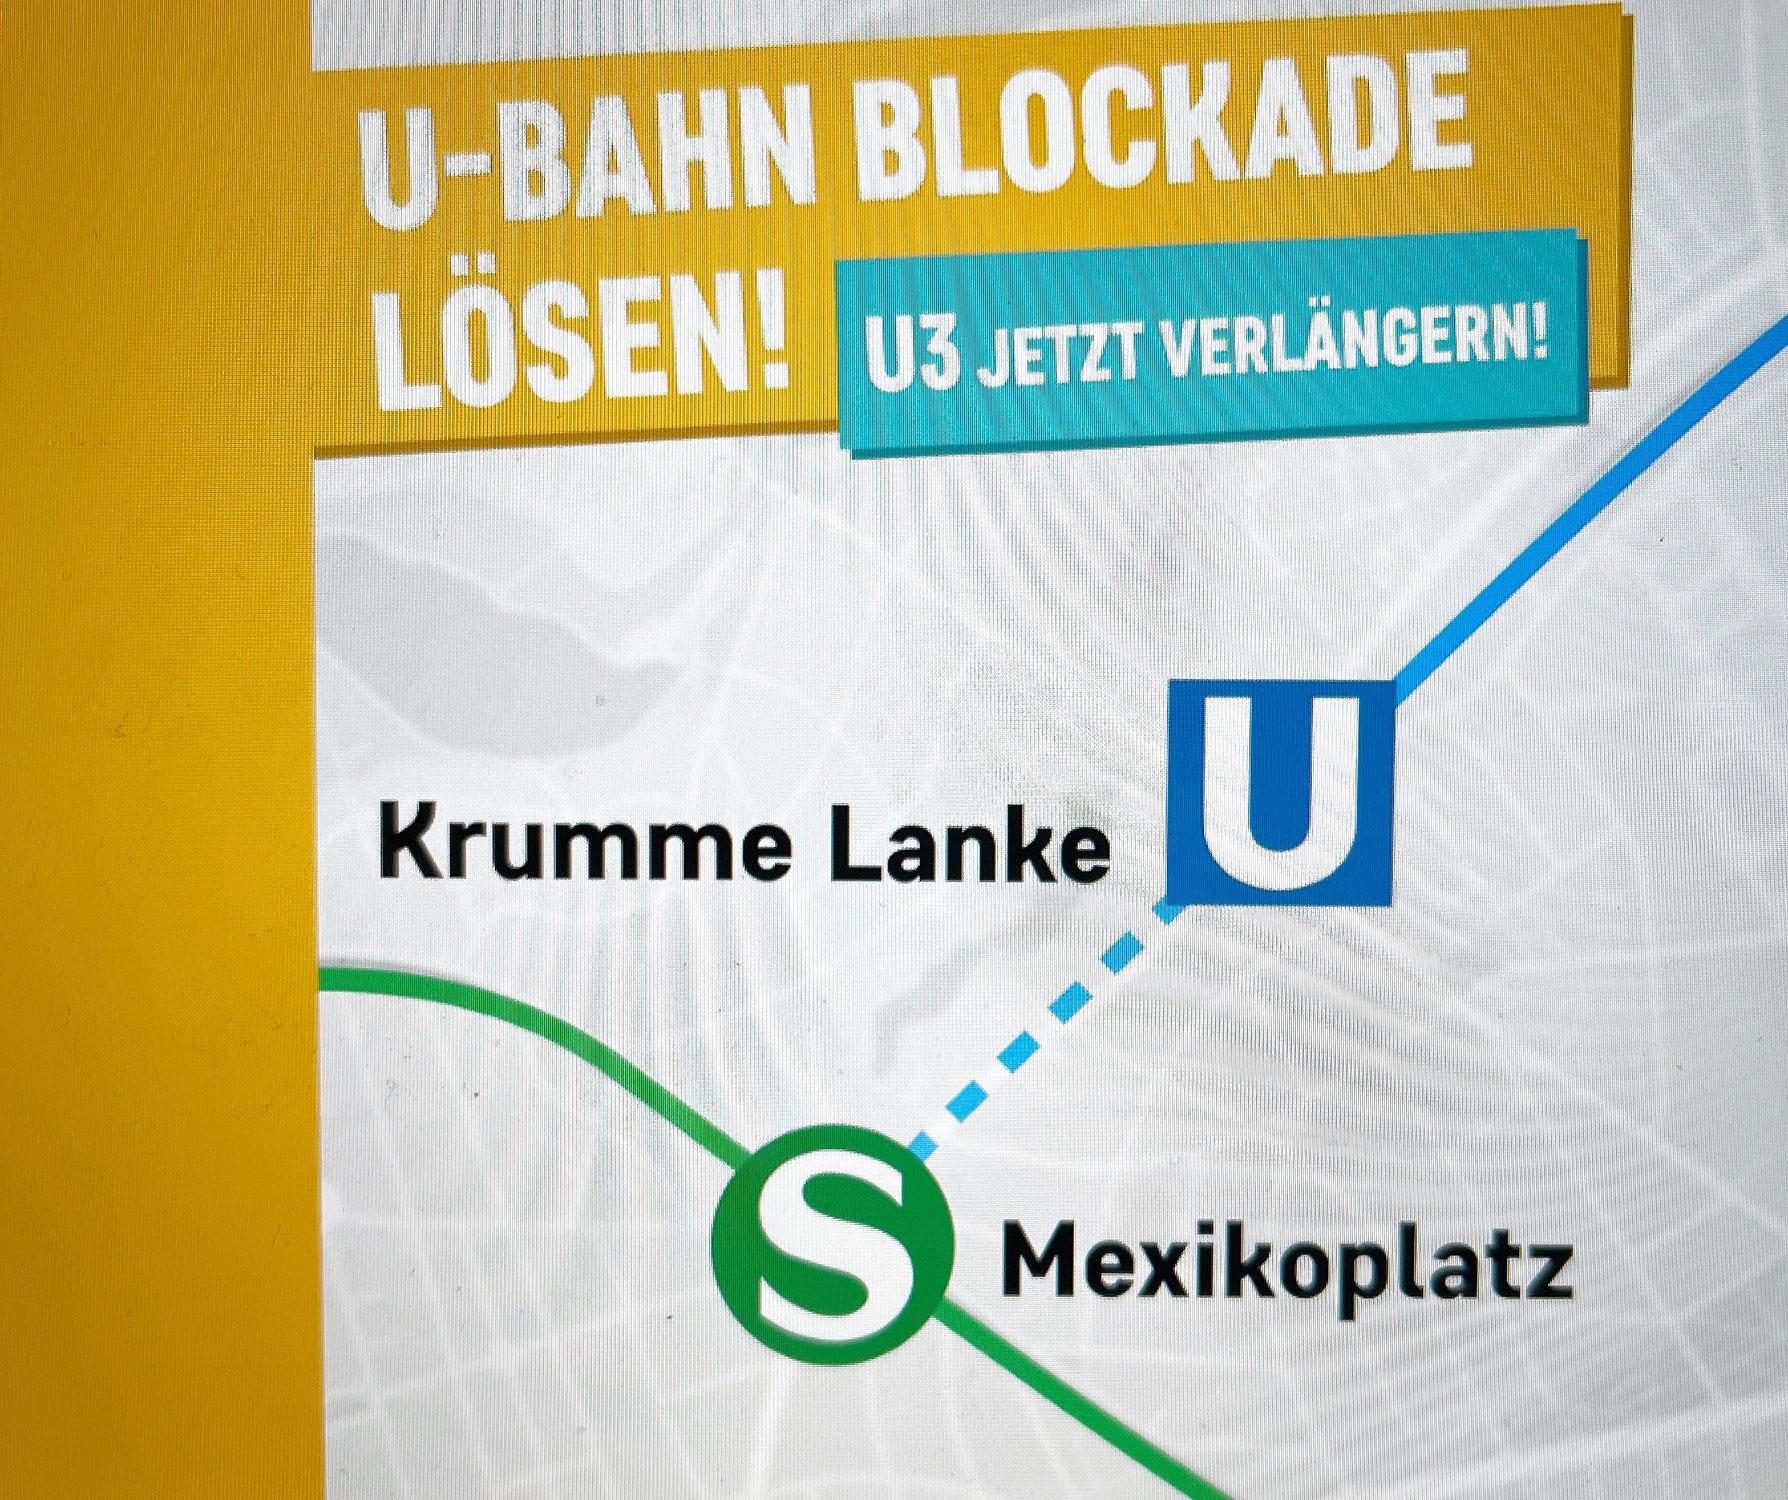 Verlängerung der U3 bis Mexikoplatz